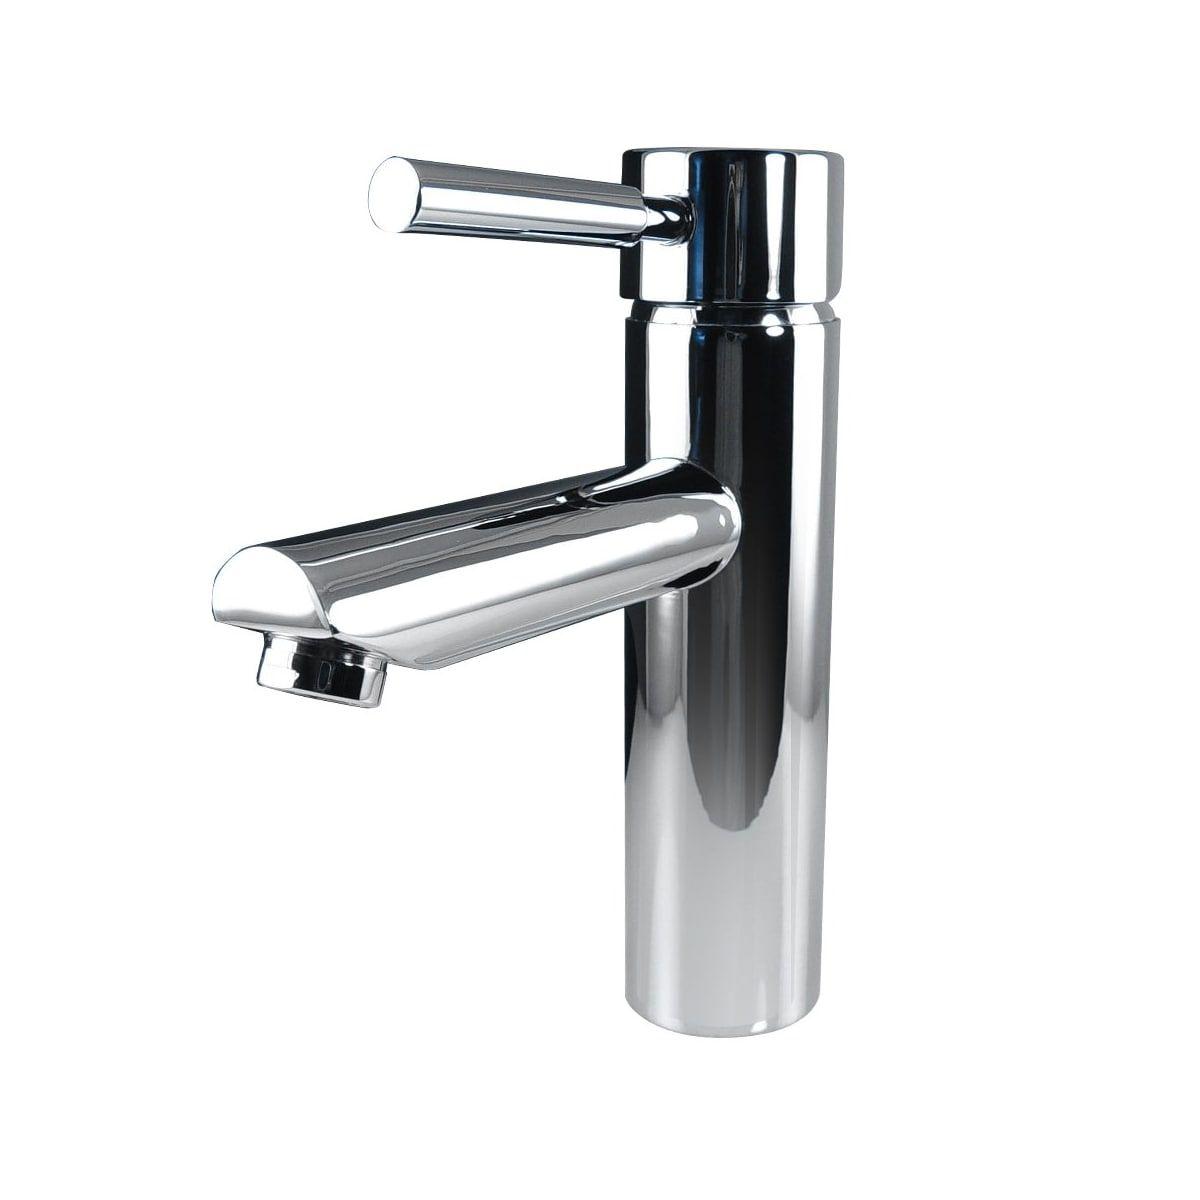 Fresca Fft1040 Vanity Faucet Bathroom Sink Faucets Chrome Faucet